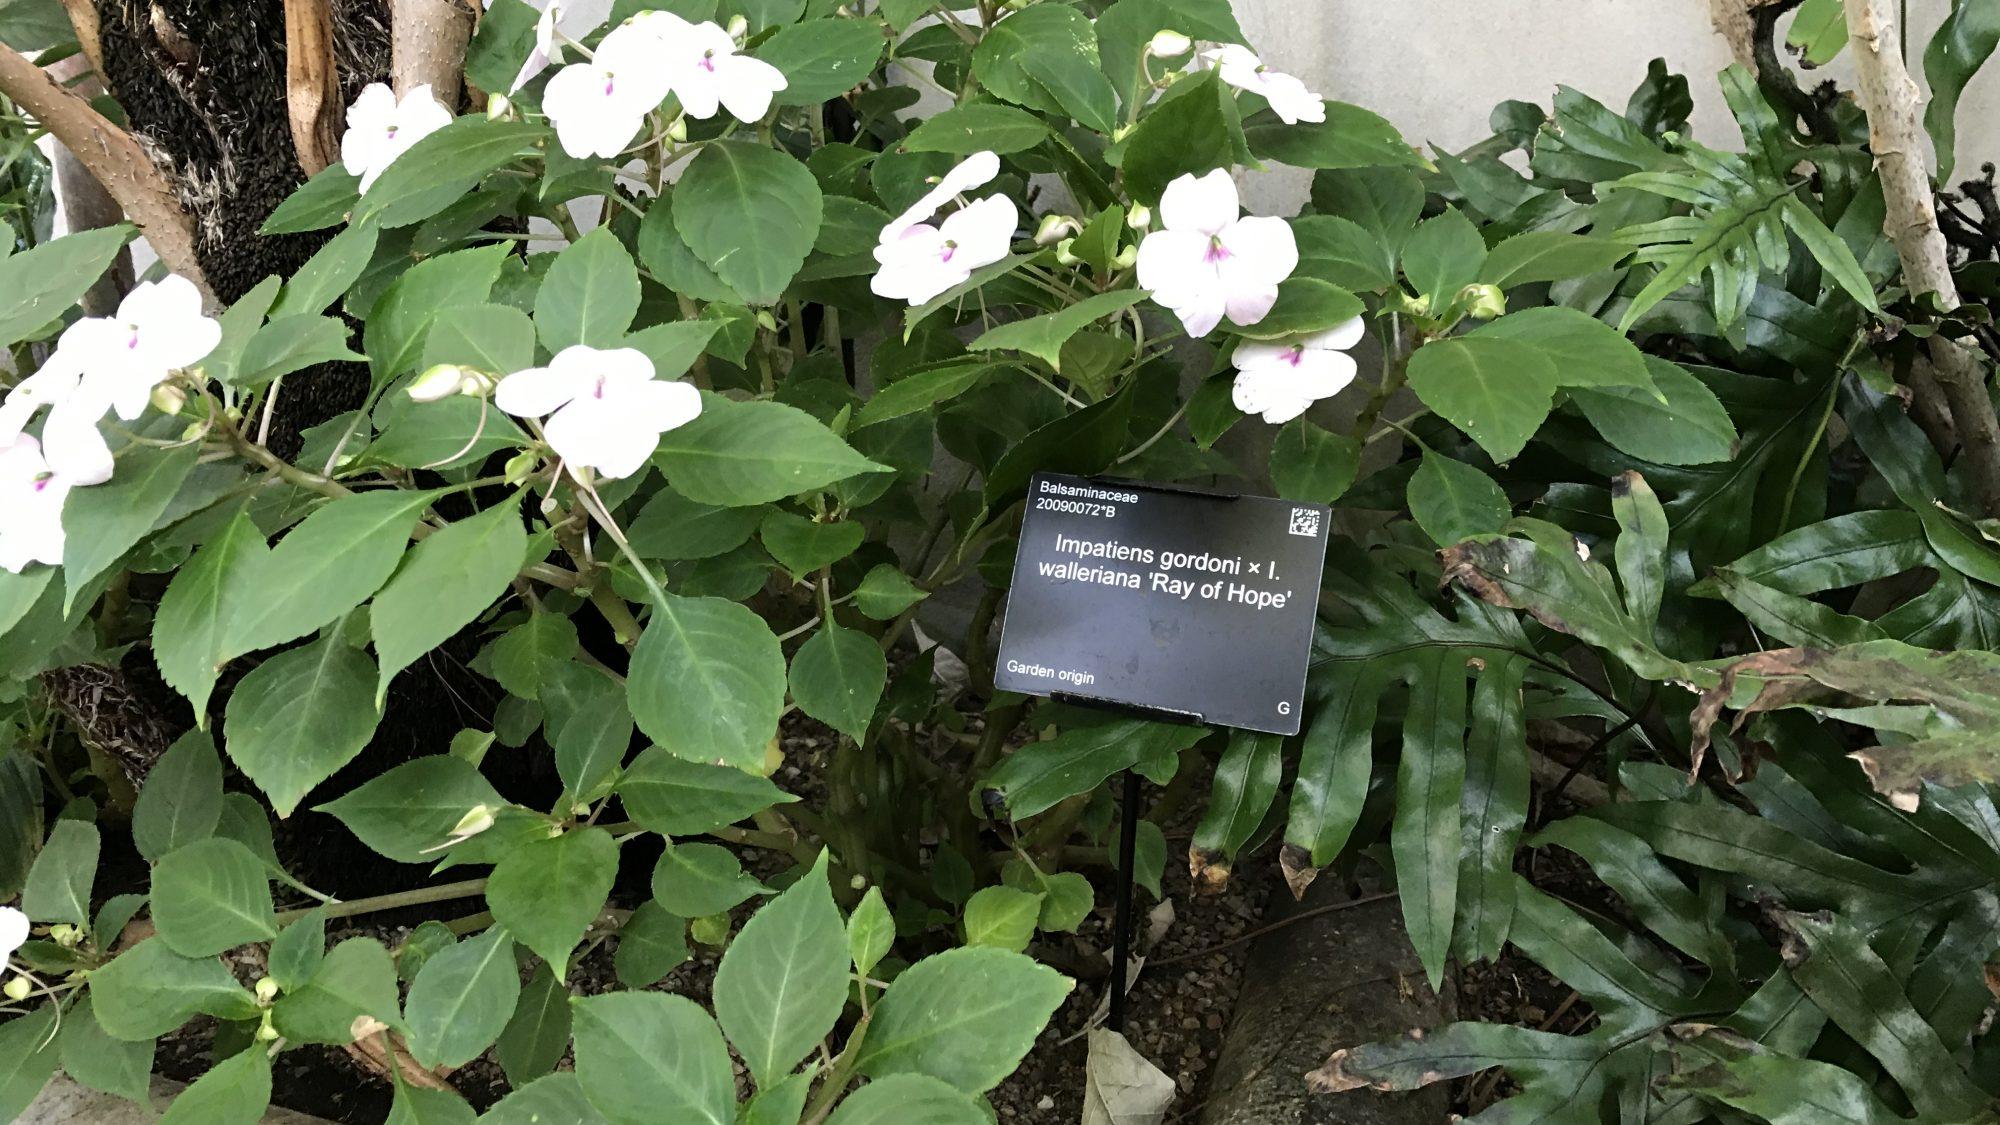 Impatiens gordonii × I. walleriana 'Ray of Hope'